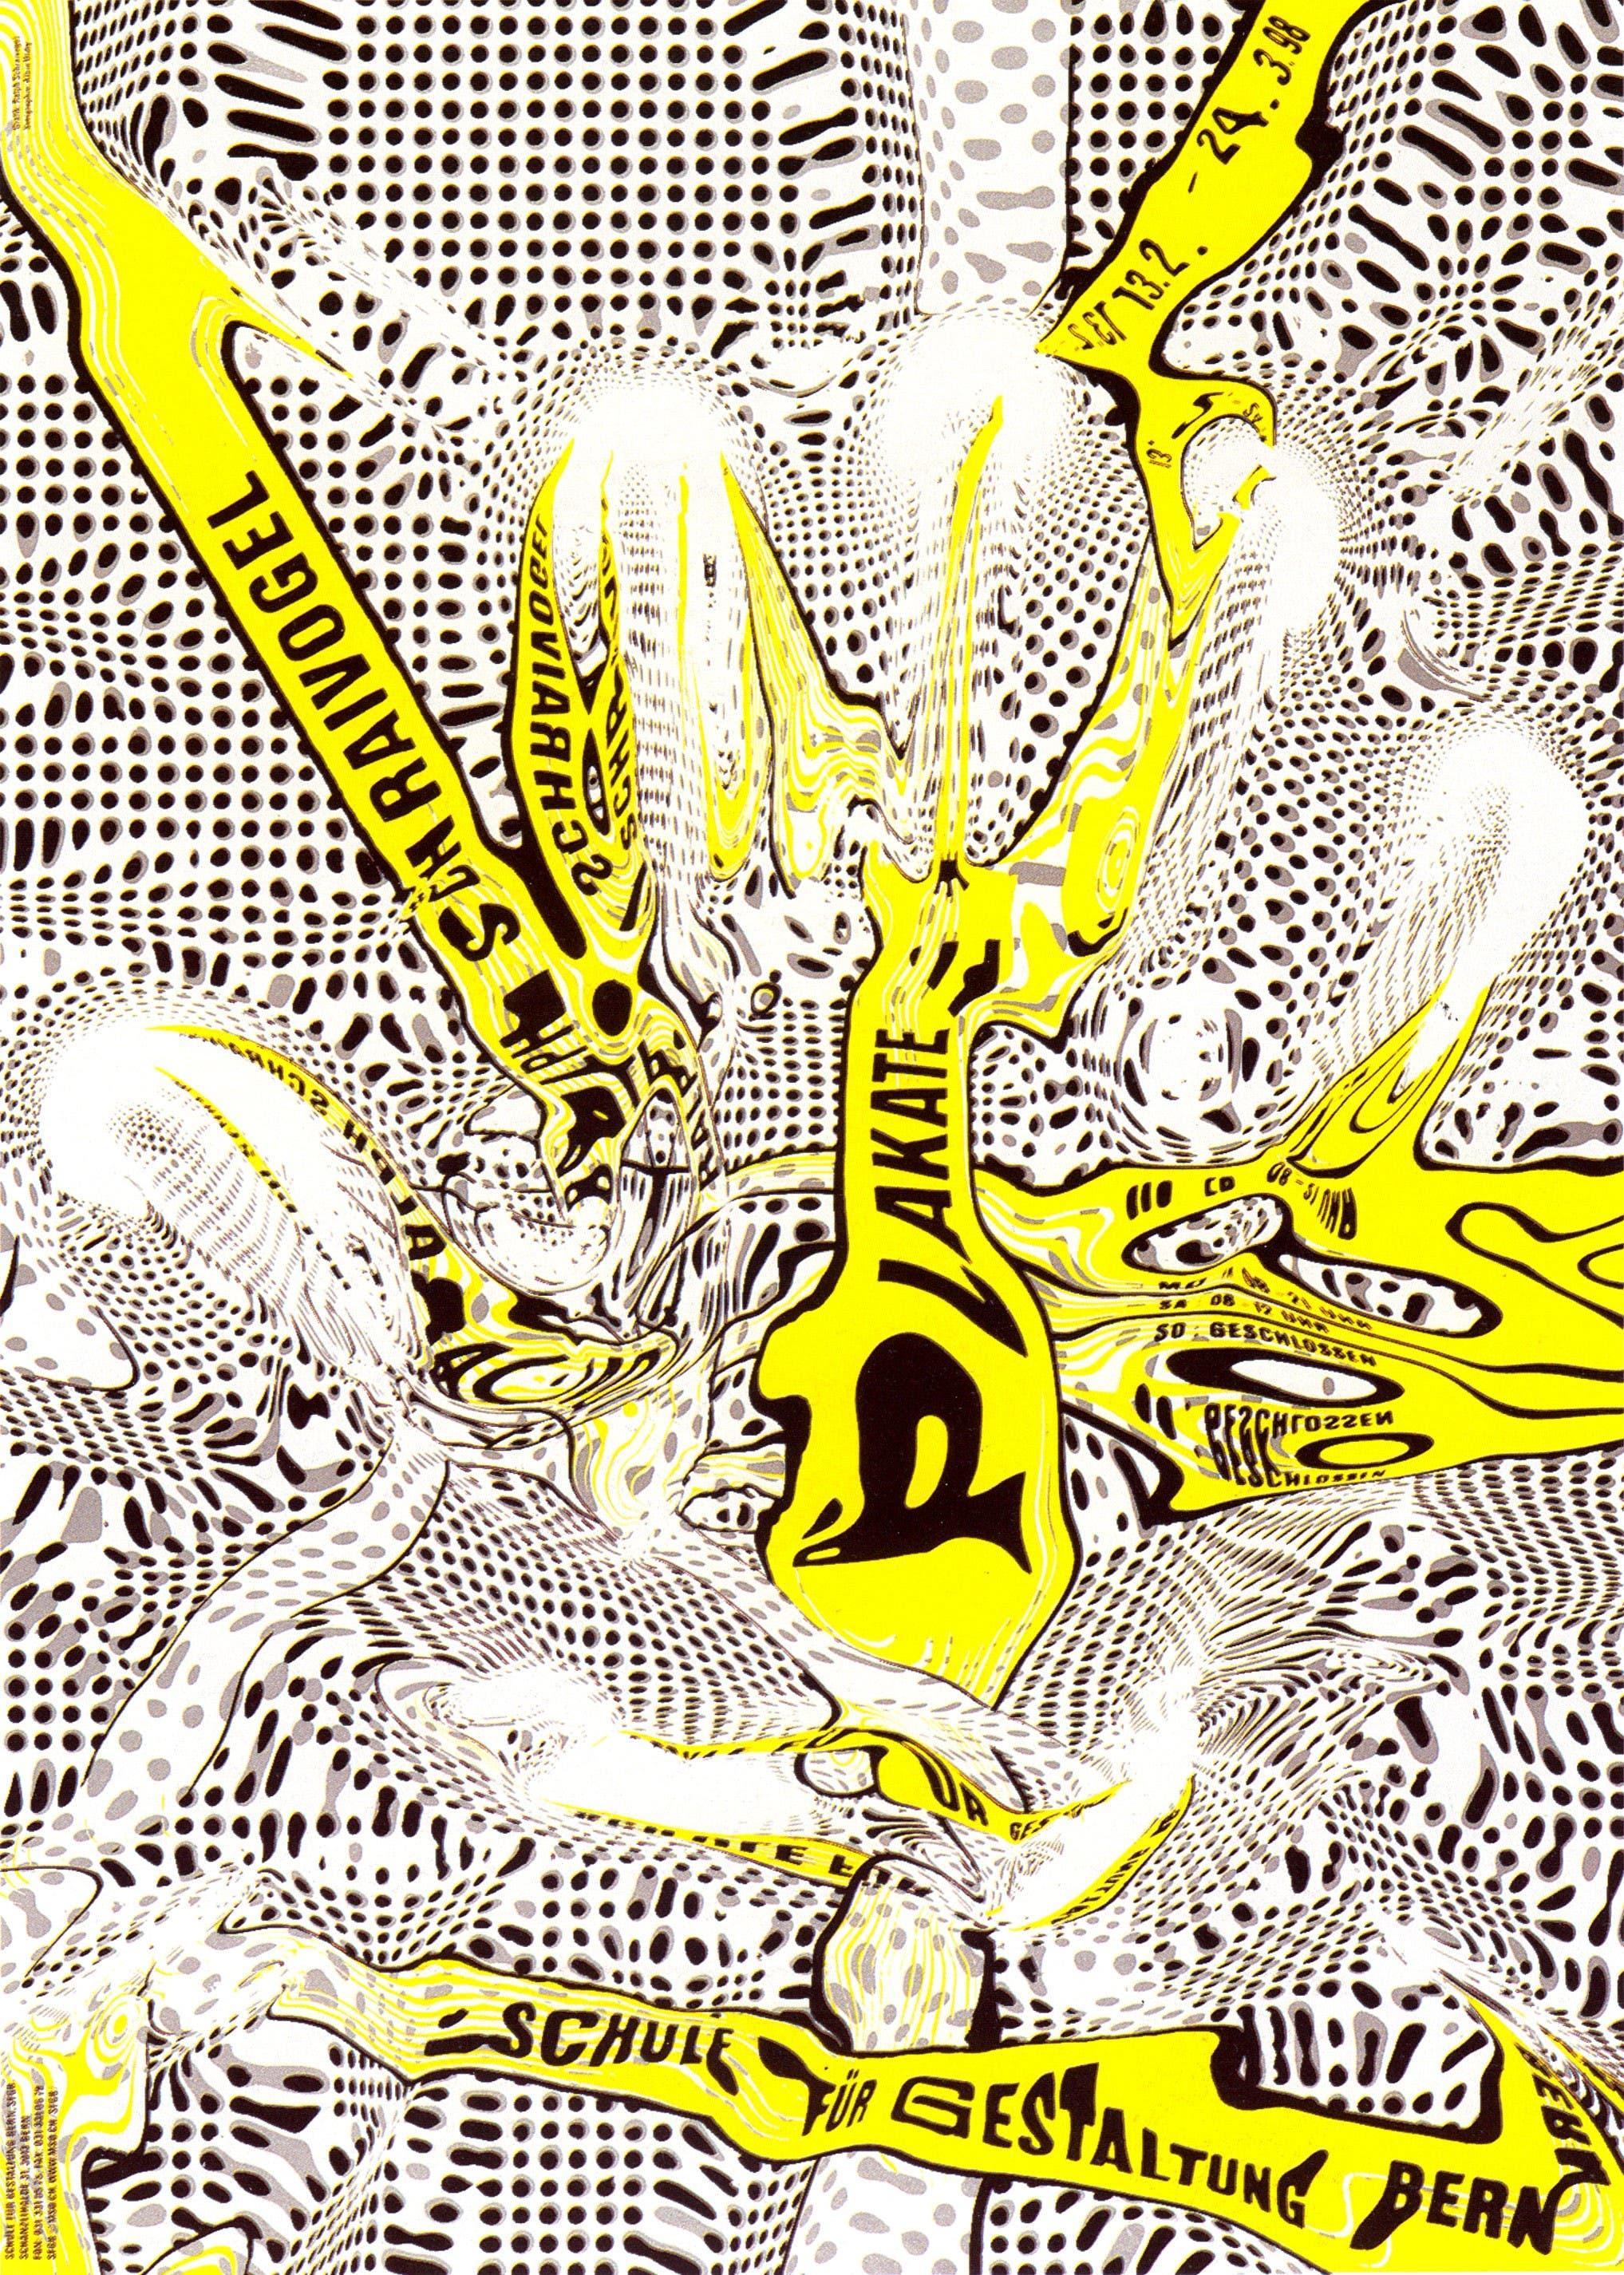 Beispiel aus der Ausstellung «Pre-digital», Plakat von Ralph Schraivogel (Zürich): Weltformat-Organisator Erich Brechbühl dazu: «Ralph Schraivogel ist bekannt für visuelle Experimente mit der Reprokamera, die wie digitale Effekte aussehen. Für das Plakat seiner eigenen Ausstellung erstellte er ein Gipsmodell seiner Hand (Bild unten), aus dem er via Thermoformen ein transparentes Relief herstellte. Er konnte dieses Relief dann mit Wasser füllen, was unter der Reprokamera zu Verzerrungen führte.»